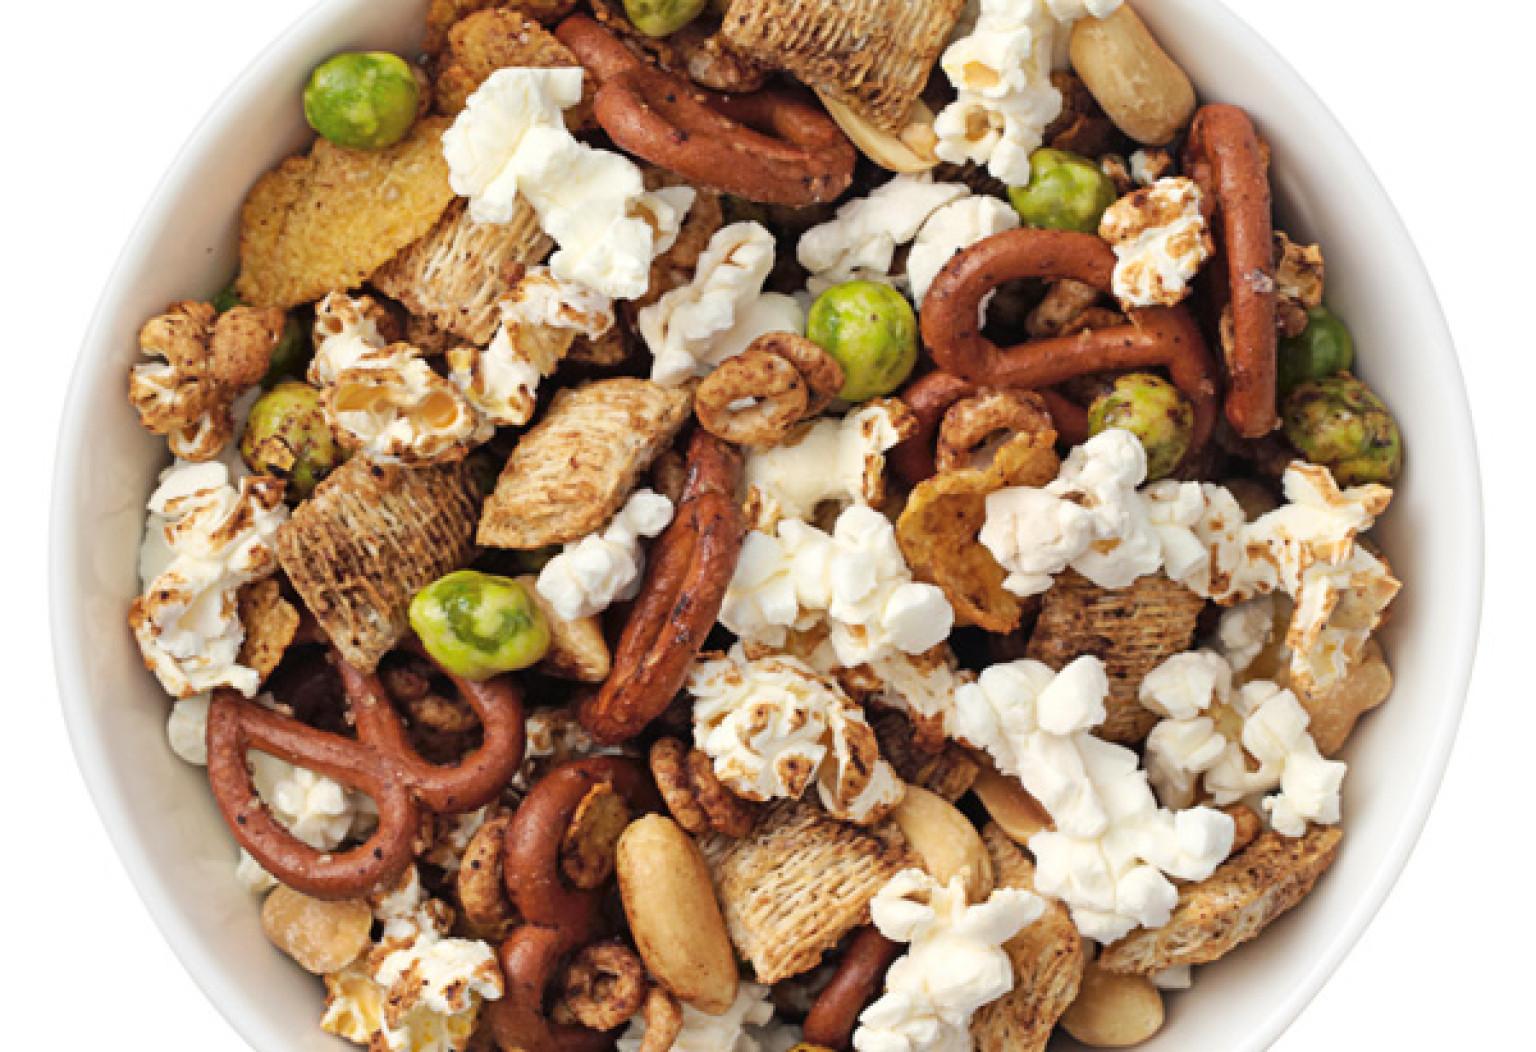 Healthy Homemade Snacks  Healthy Homemade Snacks Minus the Guilt